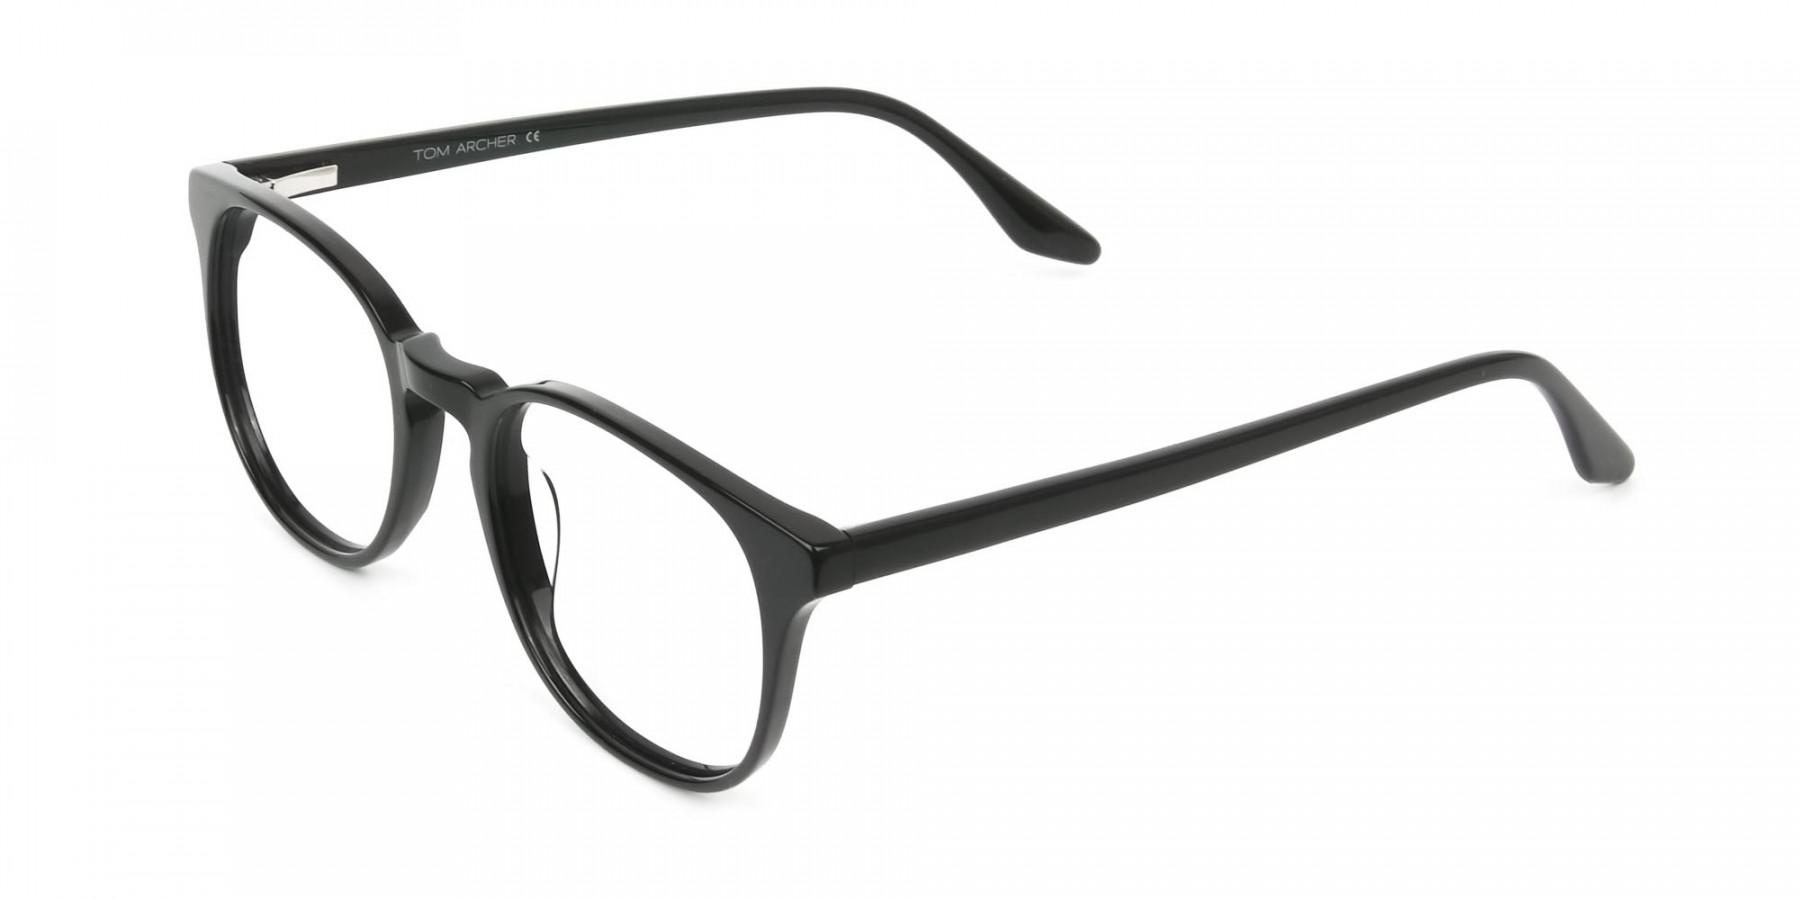 Black Wayfarer Style Glasses in Thin Frame - 1